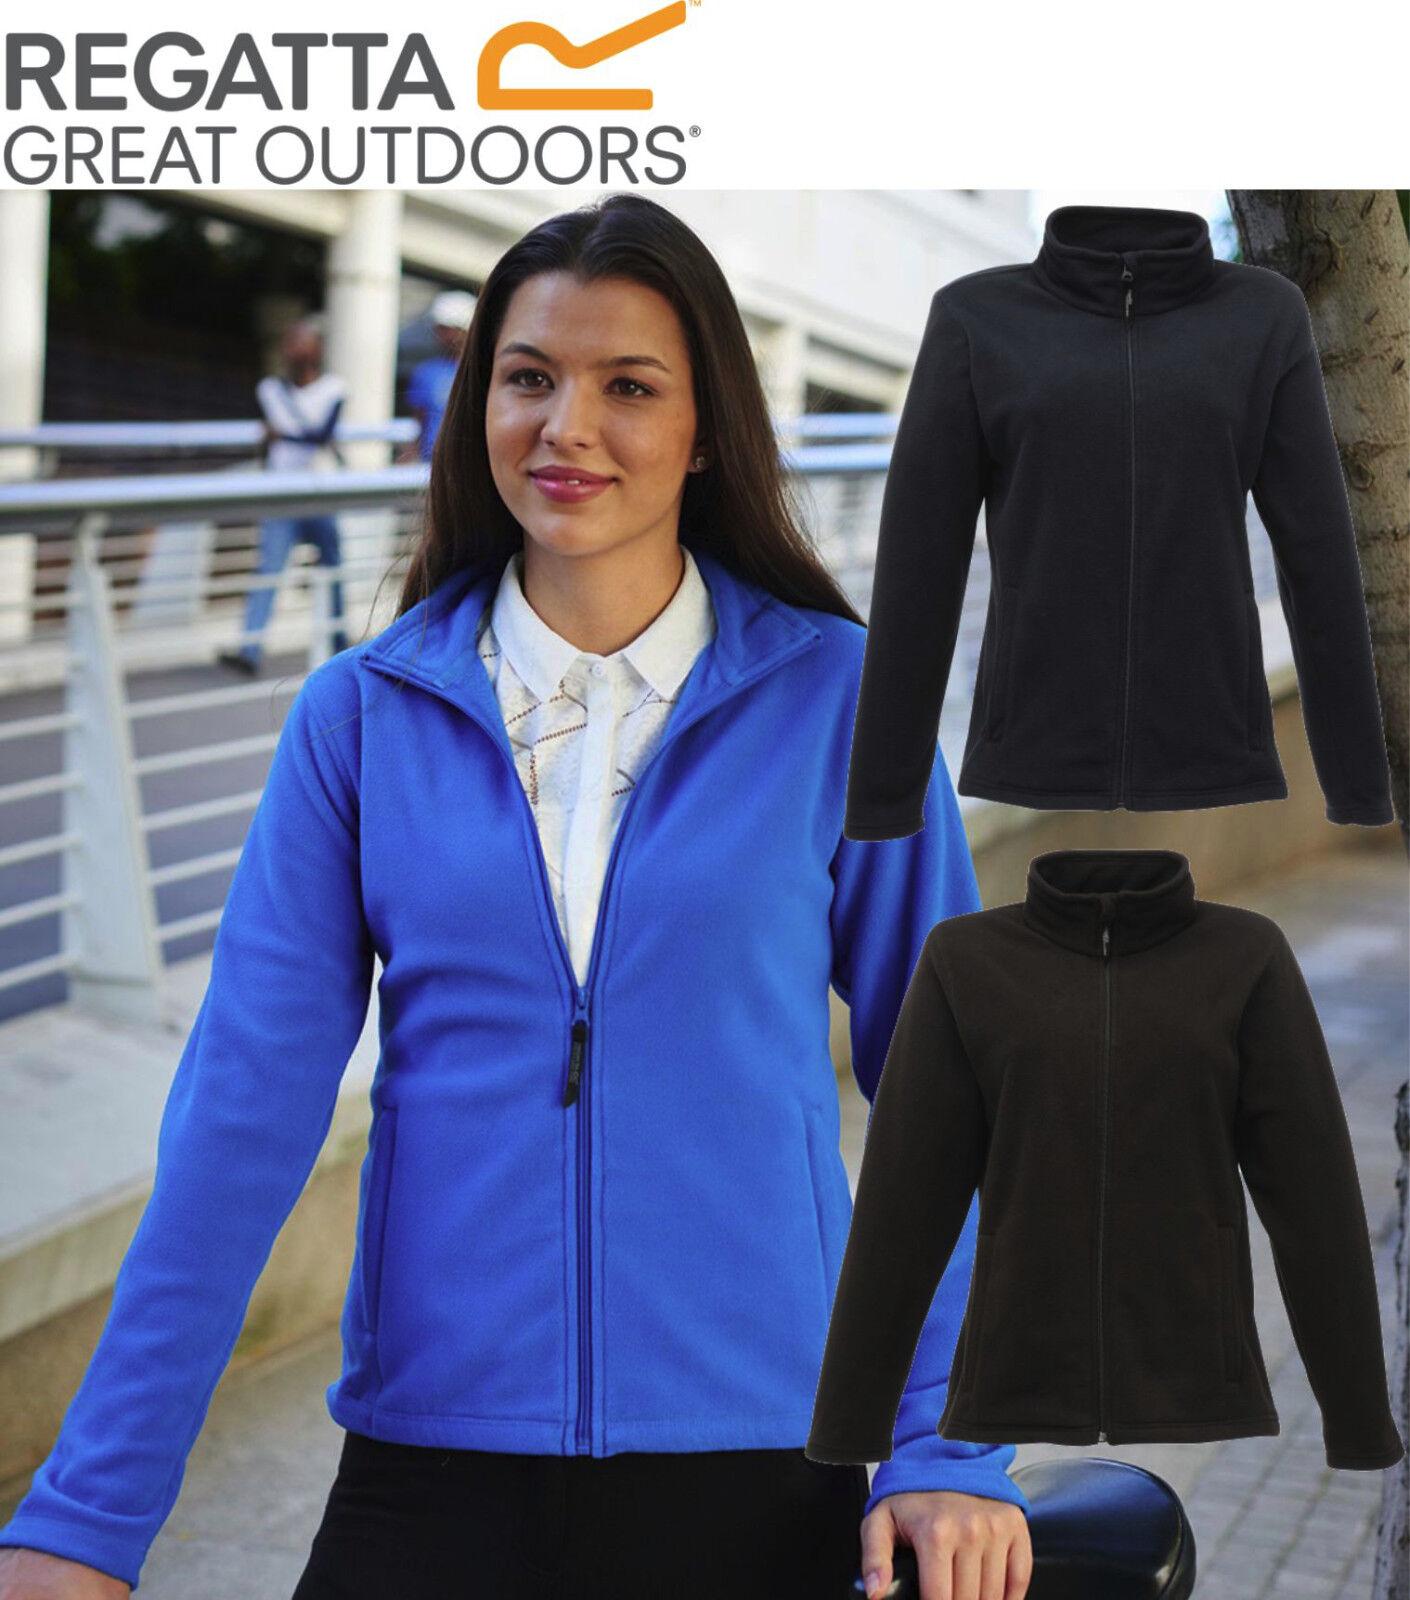 Regatta Ladies Womens Micro Full Zip Fleece Top Jacket